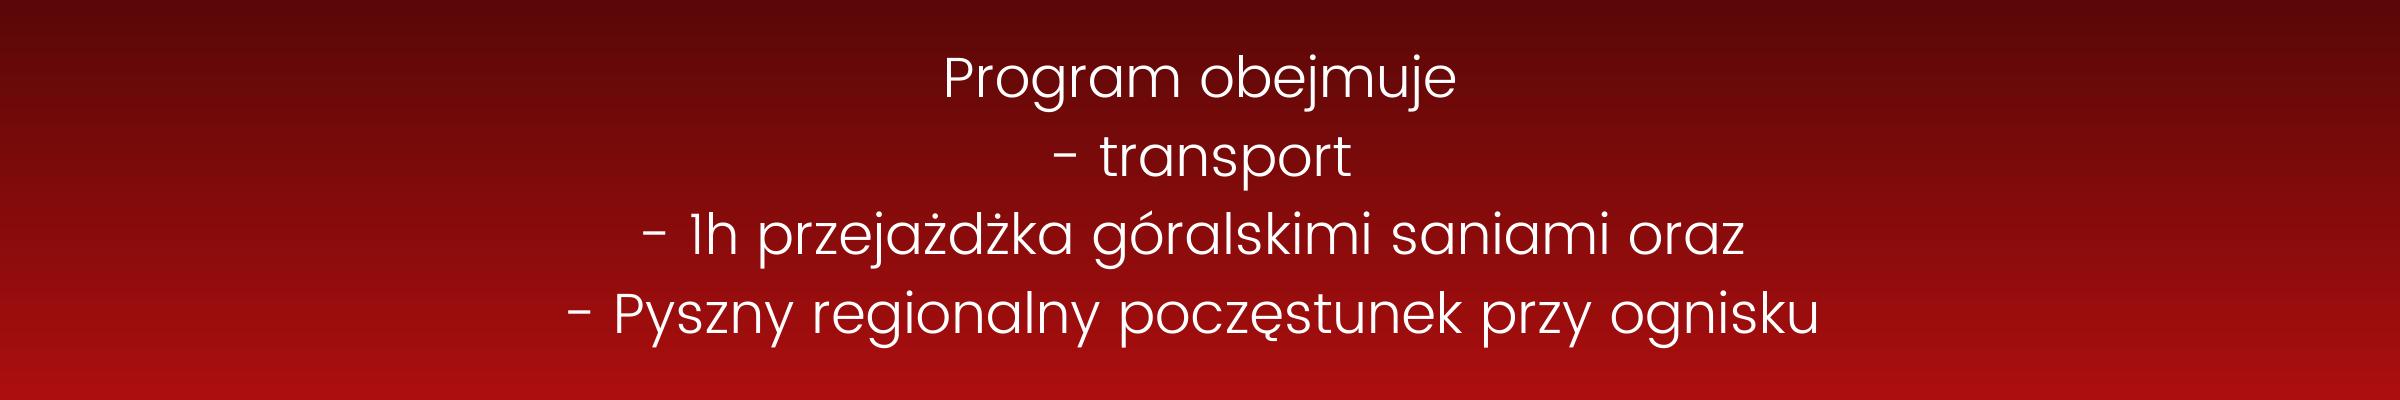 Program kuligu - transport, przejażdżka, poczęstunek przy ognisku